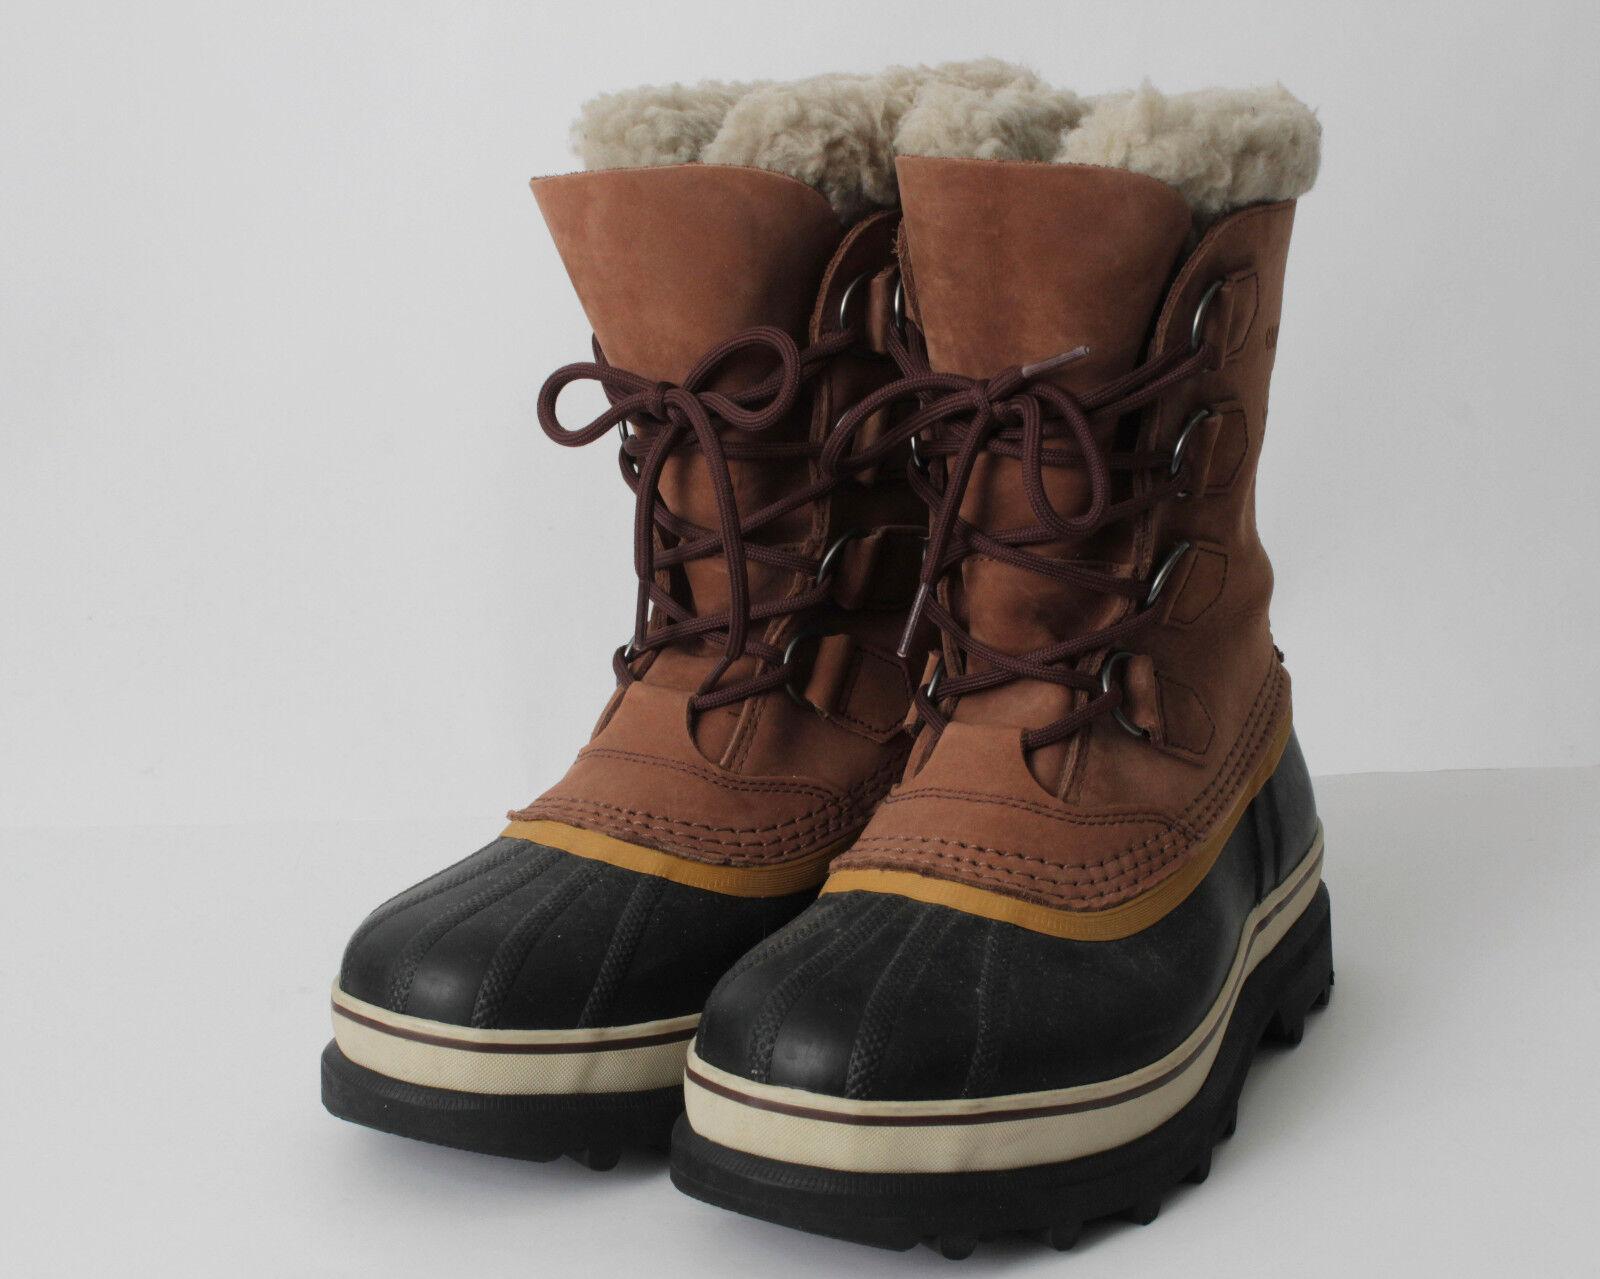 nuova esclusiva di fascia alta Donna  Sorel stivali Caribou Dimensione Dimensione Dimensione 7.5 US Snow avvio NL 1005-281 1005 281 5.5  alta qualità